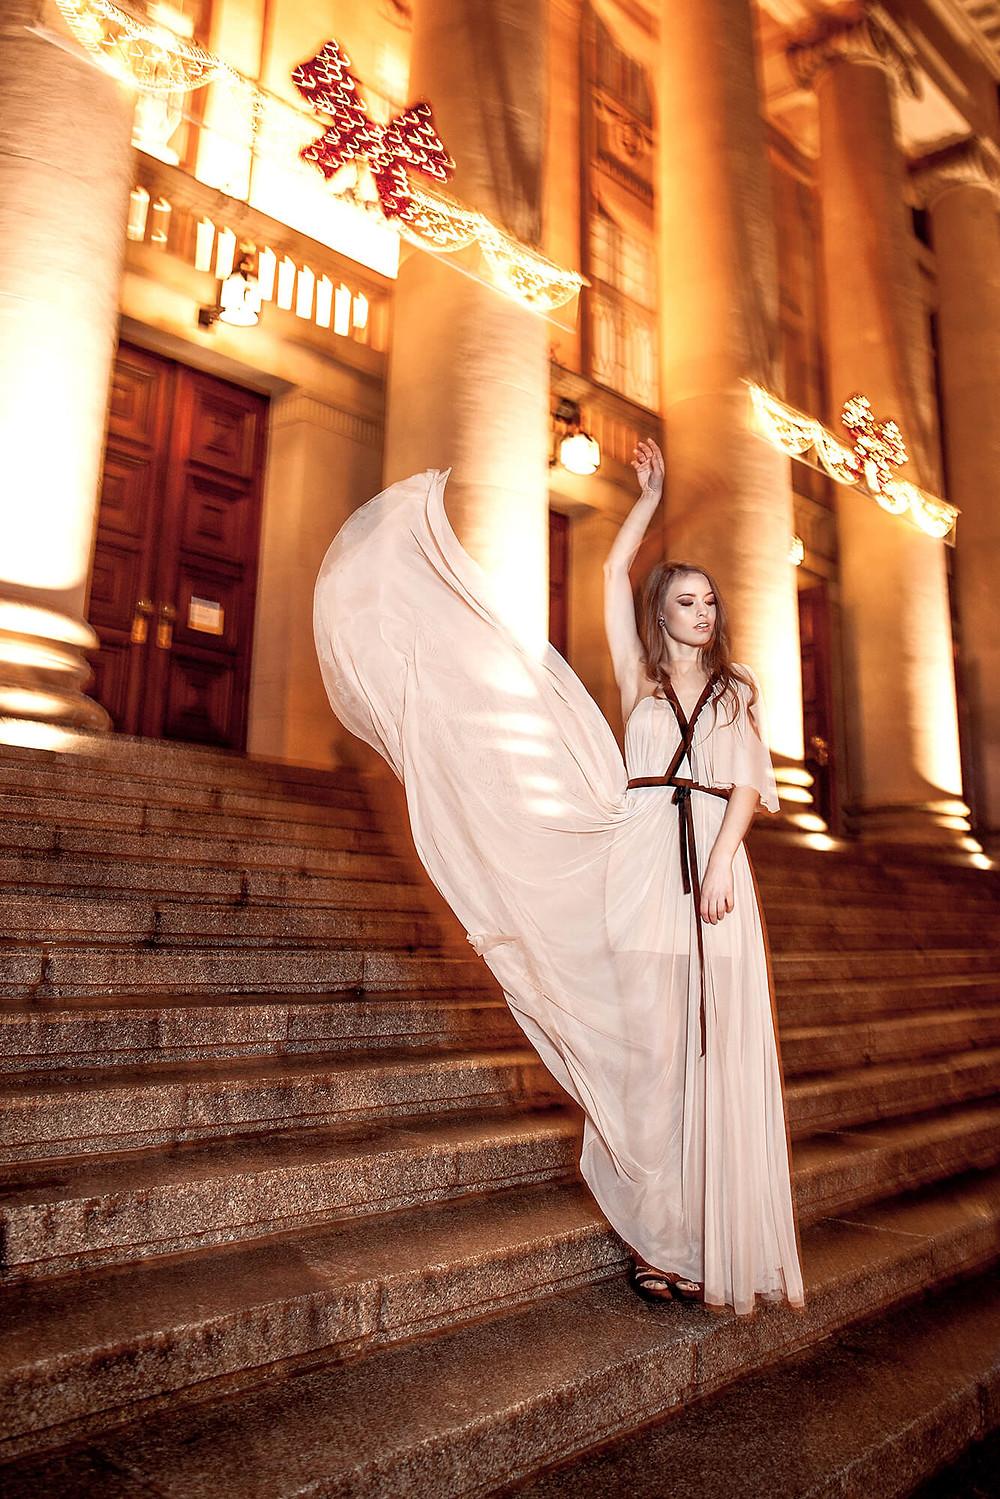 Modelka prezentuje zwiewną kreację na tle Opery